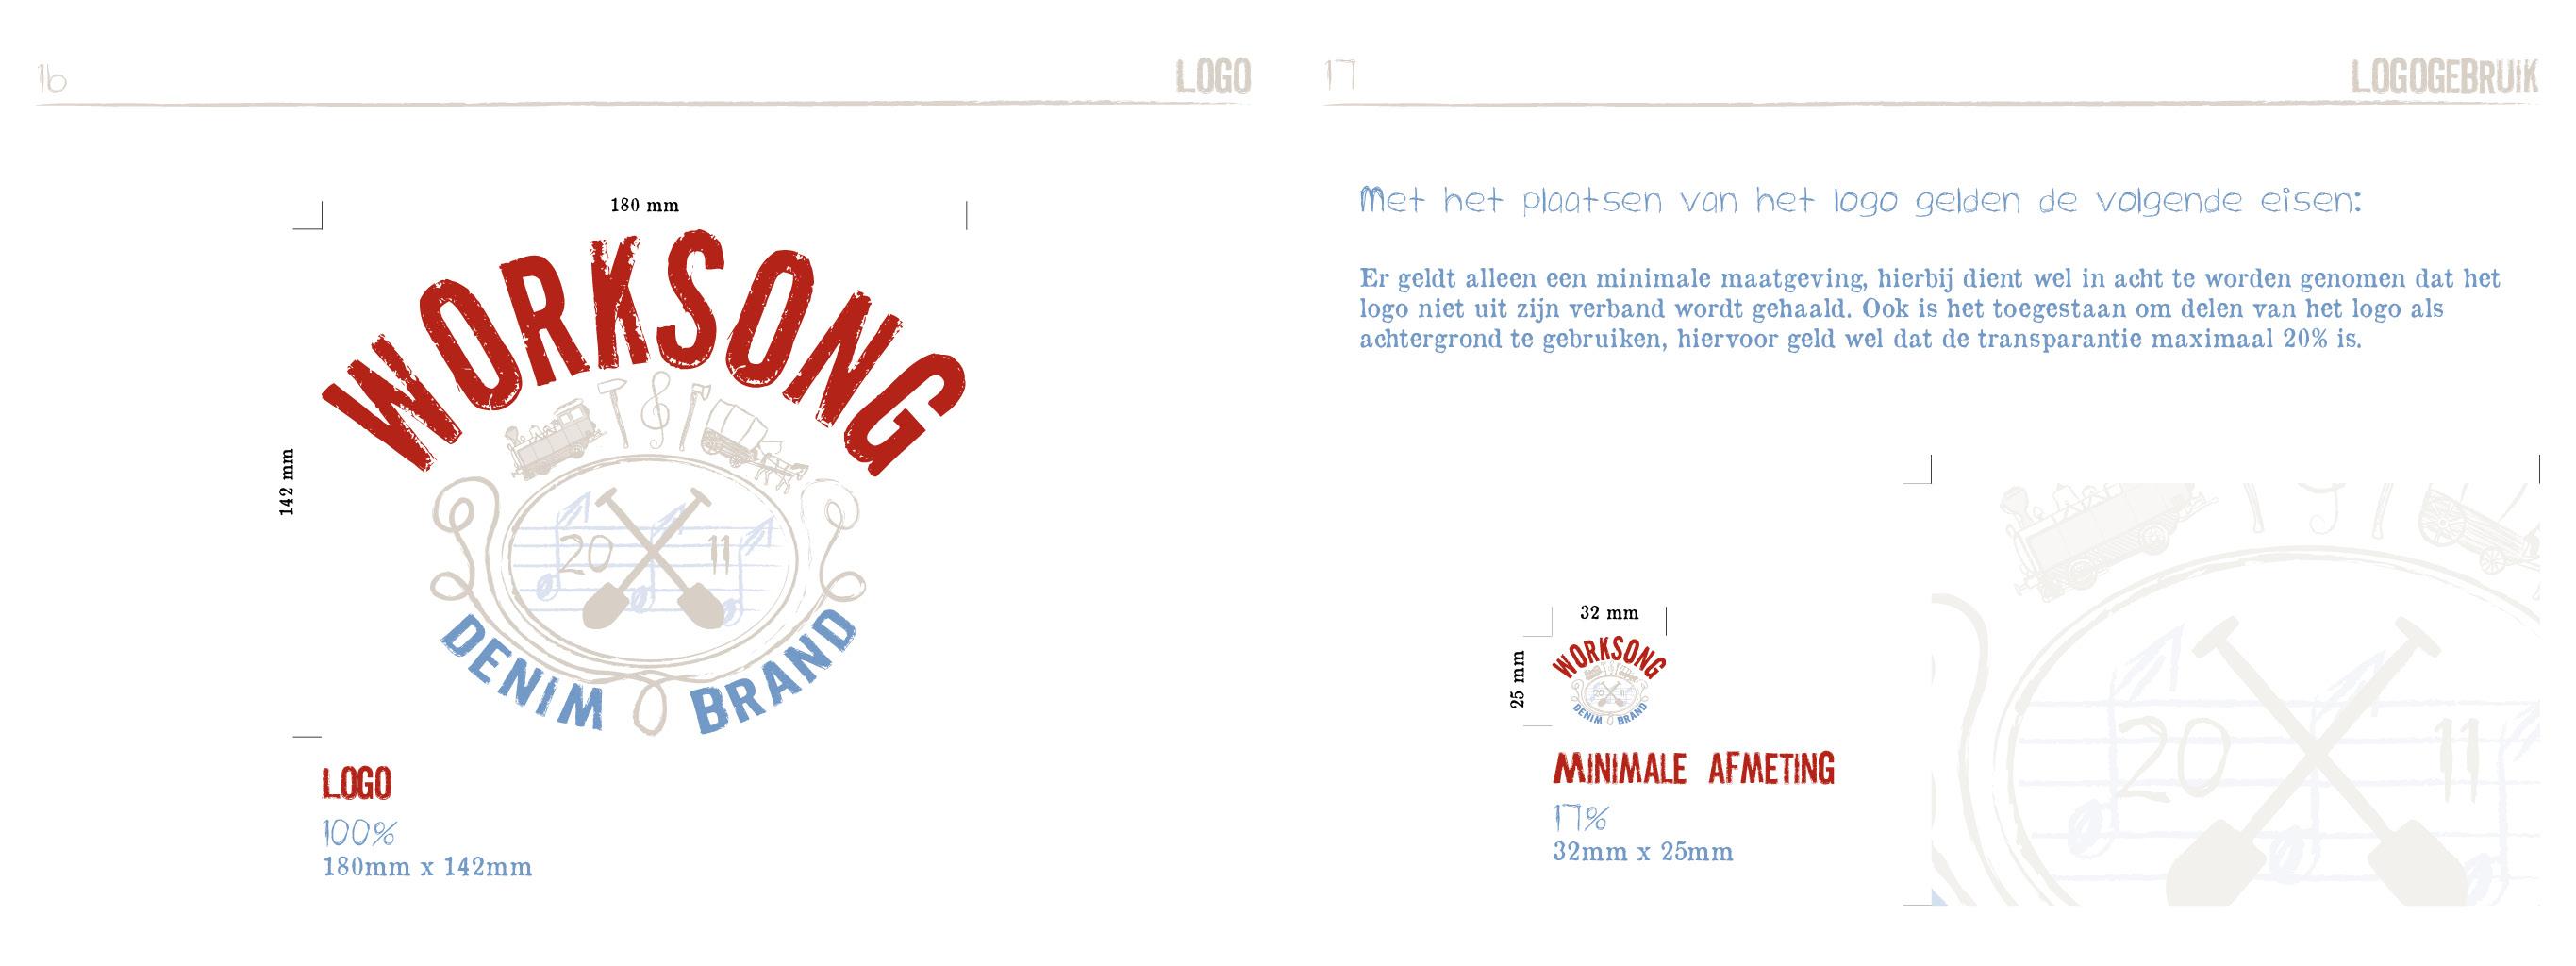 Worksong Huisstijlhandboek9